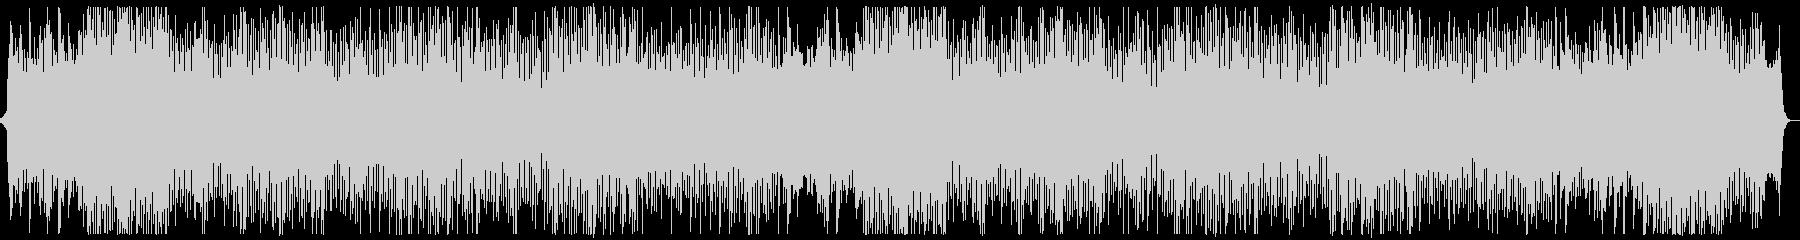 躍動的なシンセポップオーケストラx2の未再生の波形